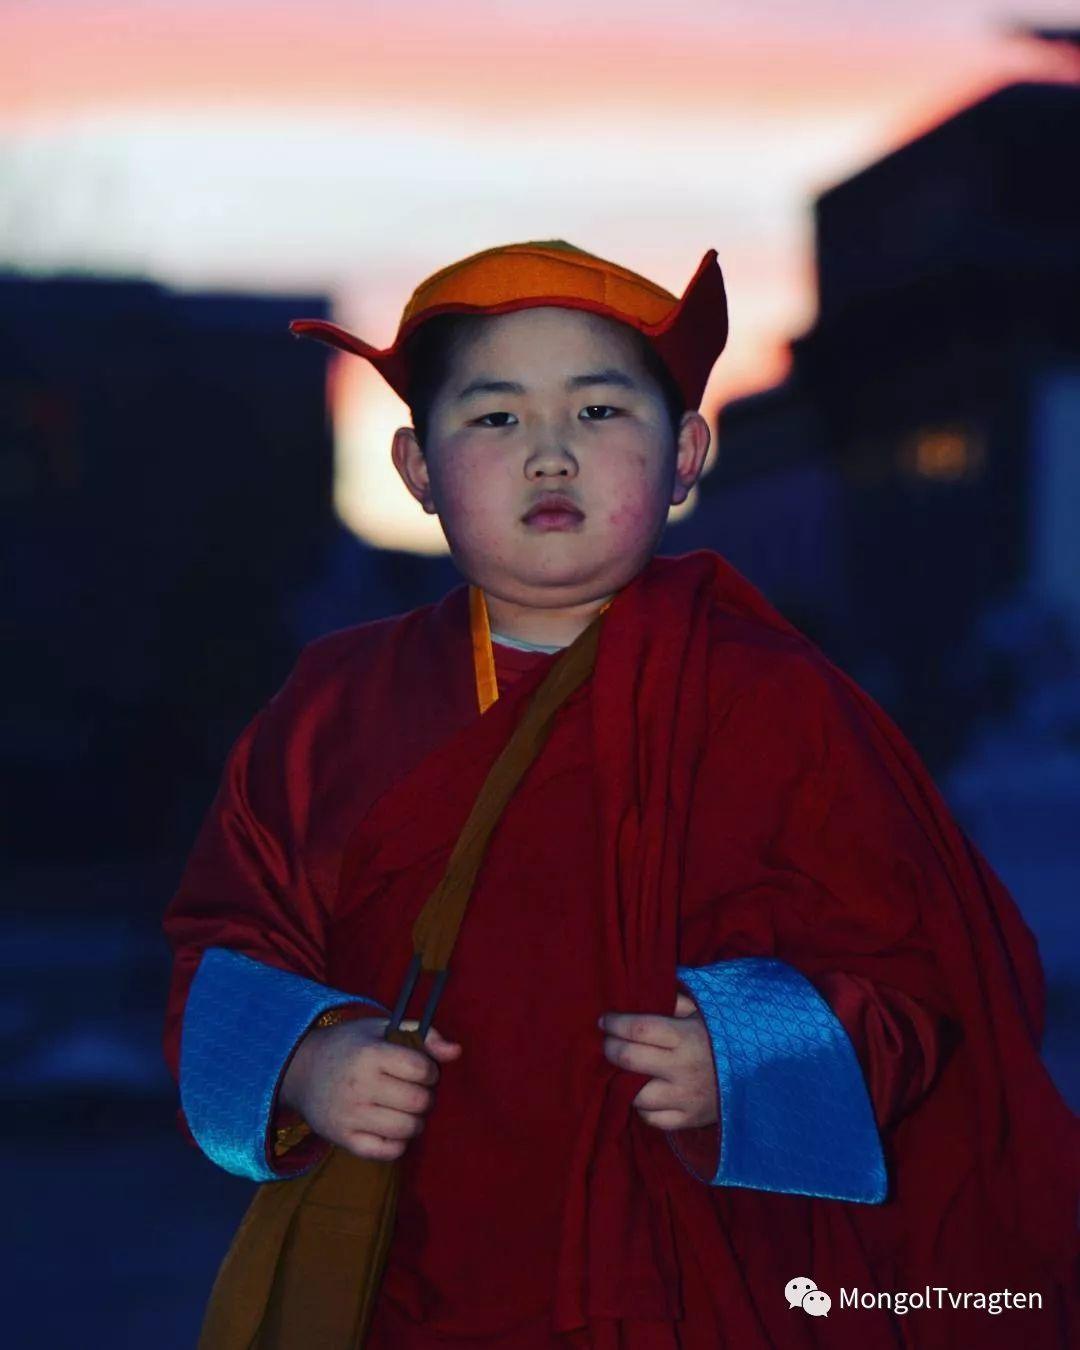 蒙古影像-ch ganbat 第15张